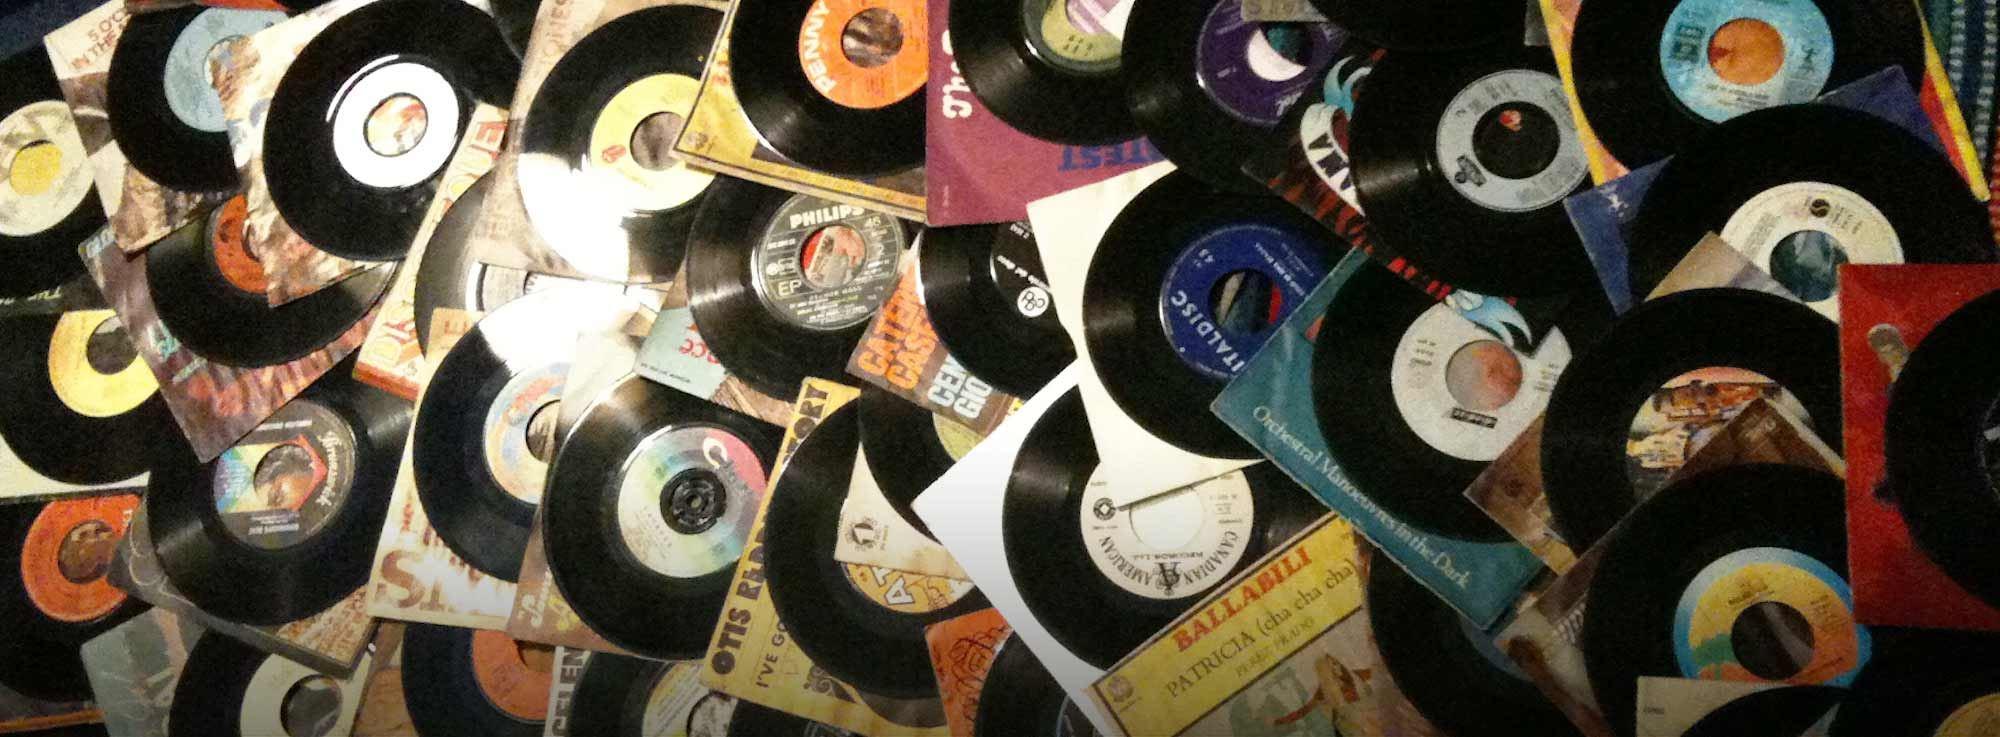 Capurso: Storie di vinile, canzoni, parole, libri, arte e gastronomia